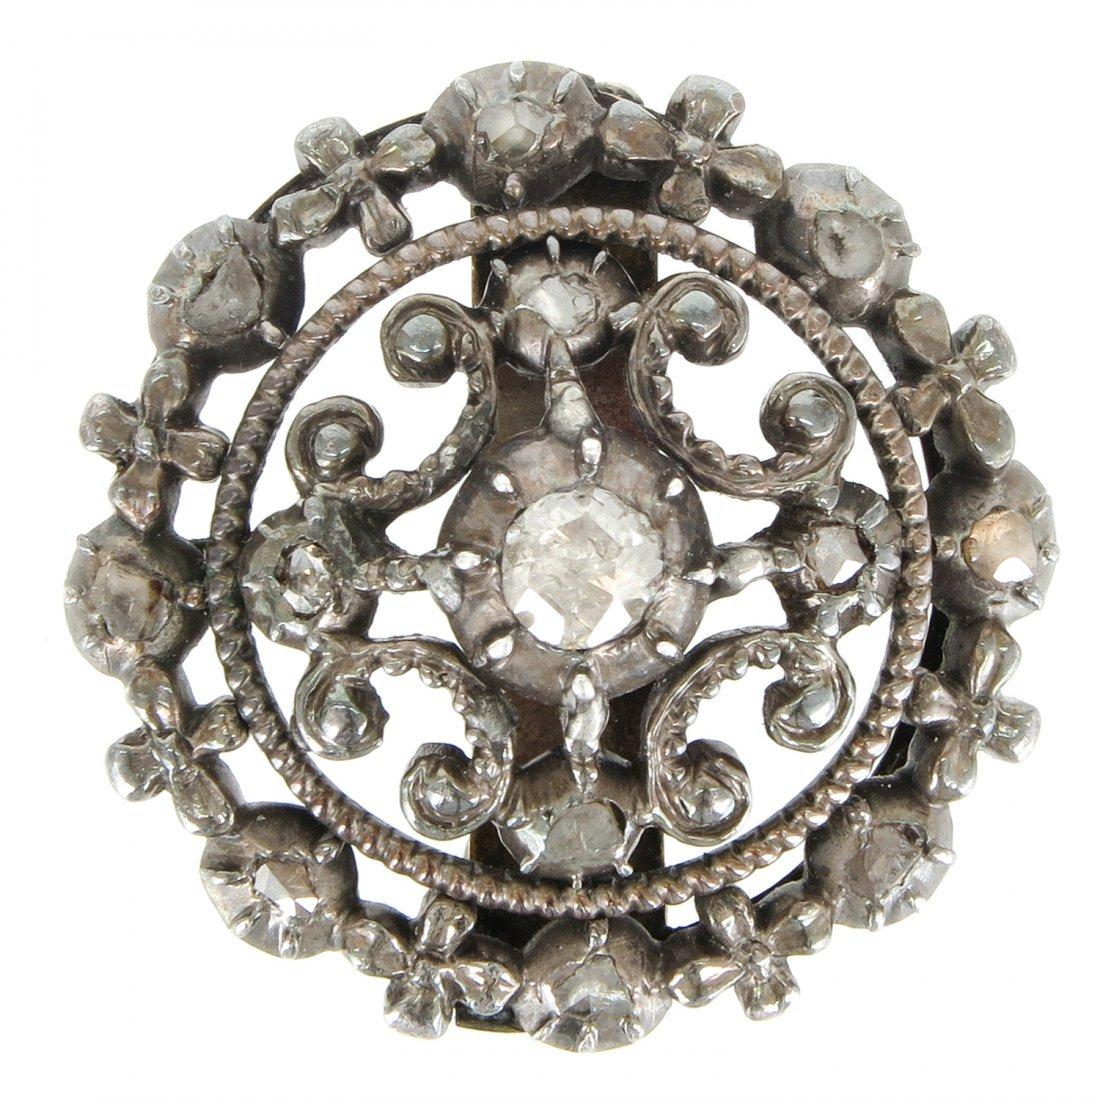 Antique Cut Diamond Brooch